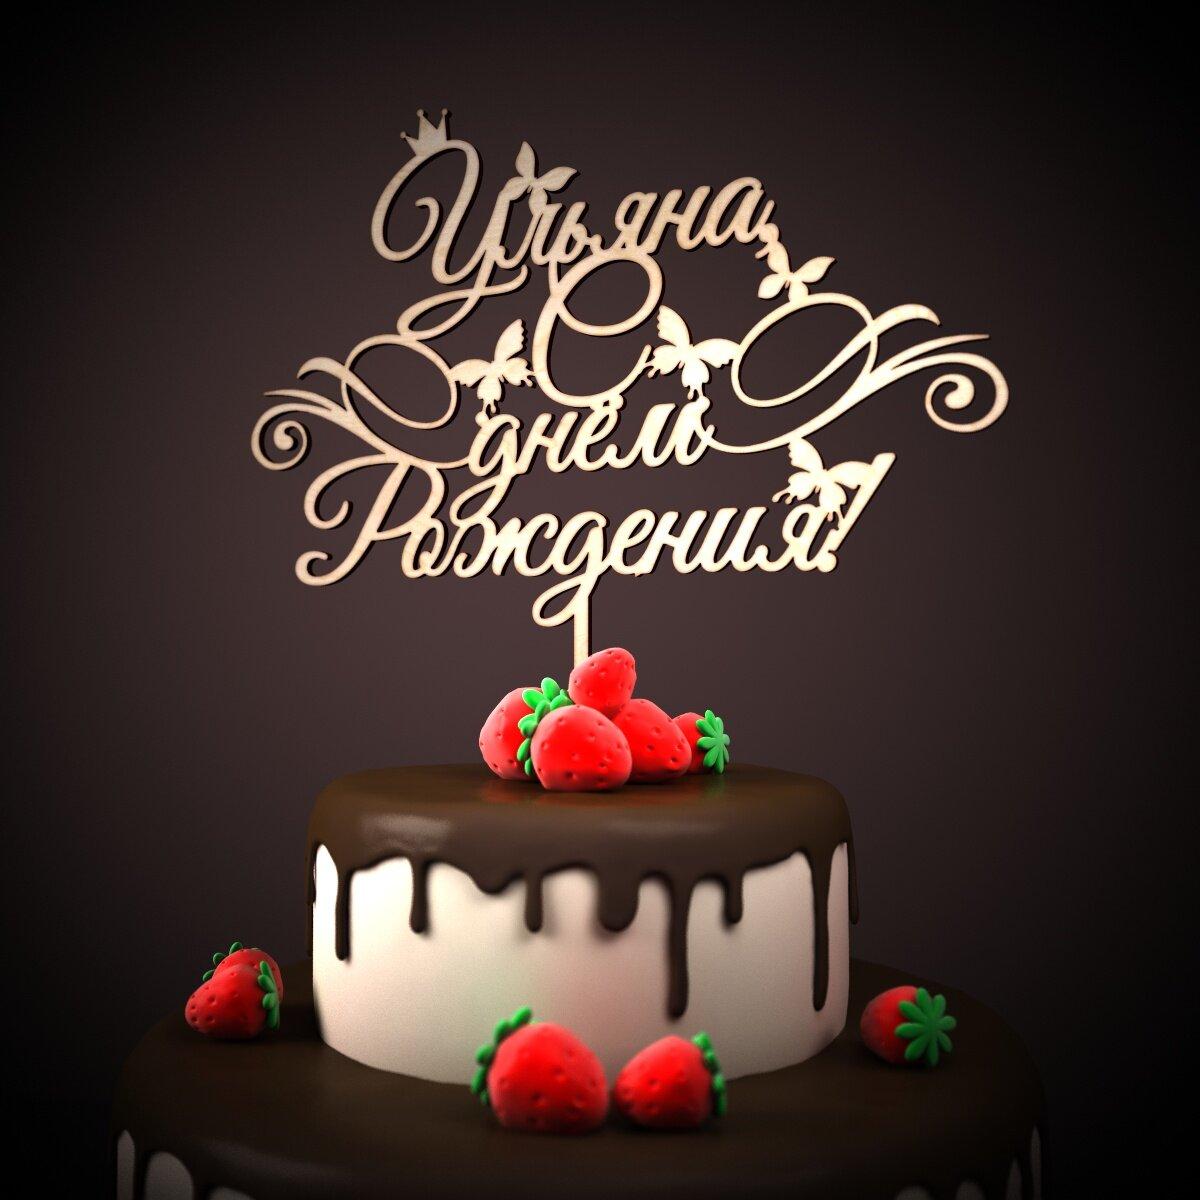 с днем рождения ульяна картинки красивые с пожеланиями диафрагма равно